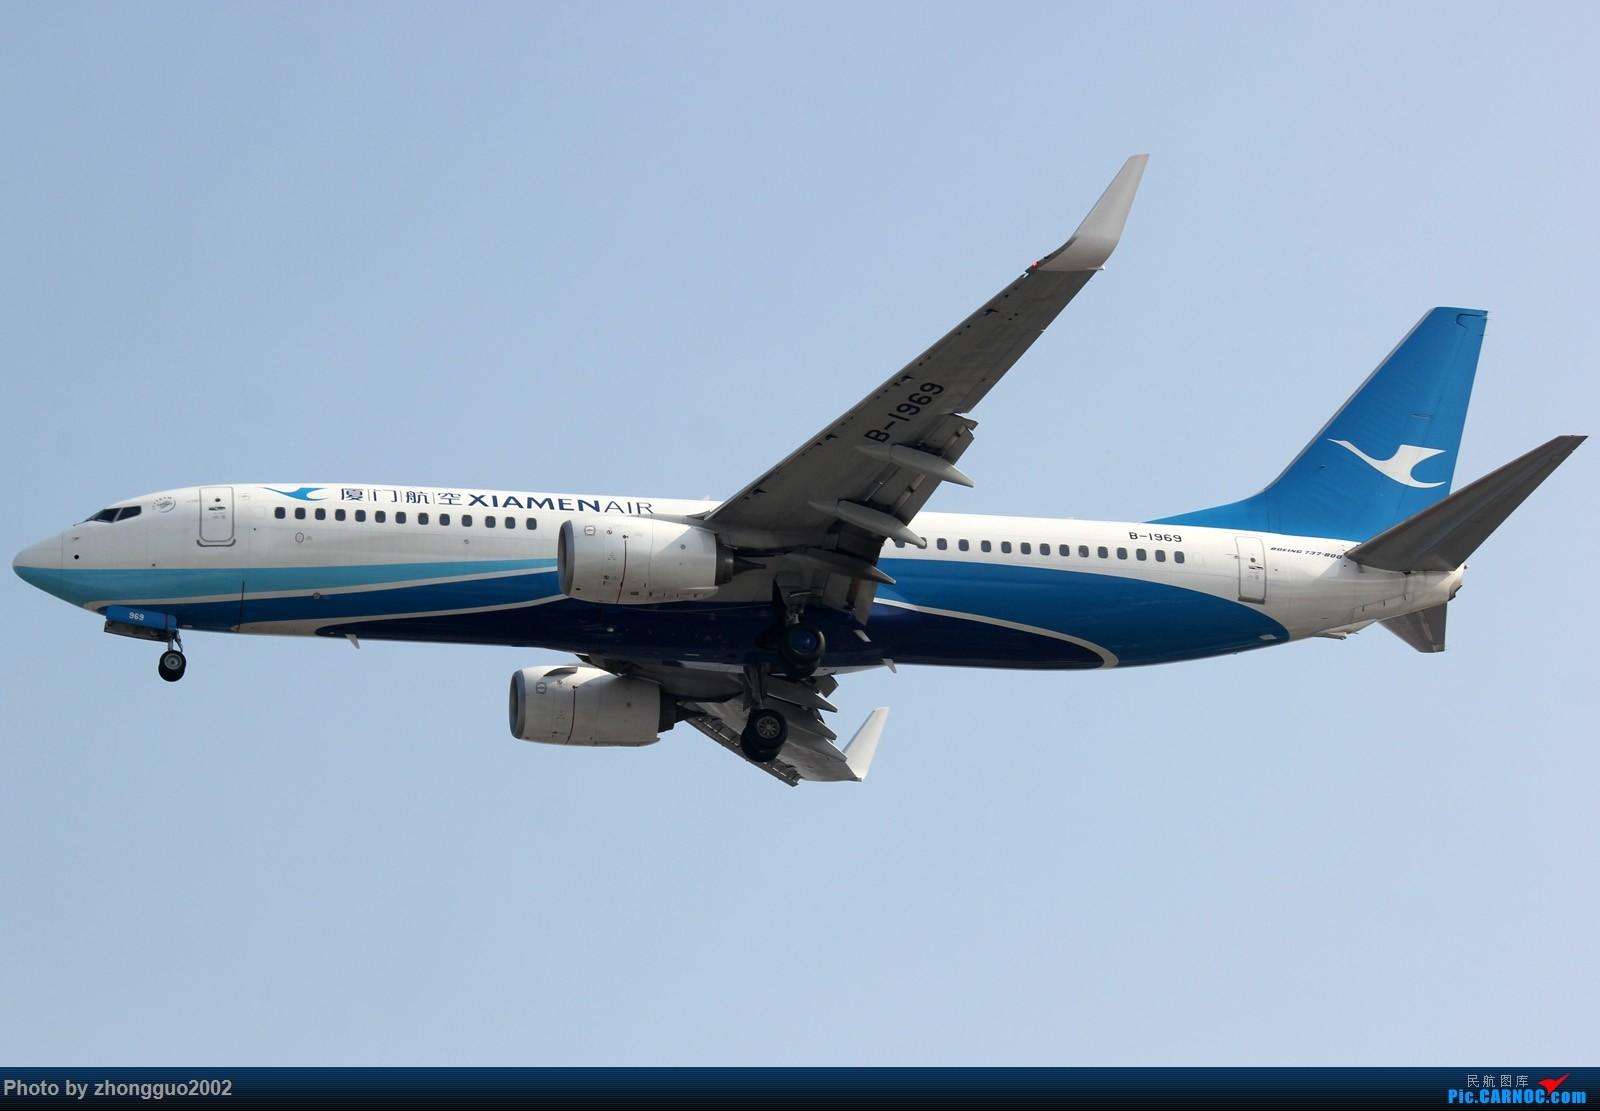 Re:[原创]【BLDDQ--深圳打机队】发小飞机盖楼贴,凡跟帖1字开头大陆民航飞机图的,每图五架小飞机不重复 BOEING 737-800 B-1969 中国上海虹桥国际机场